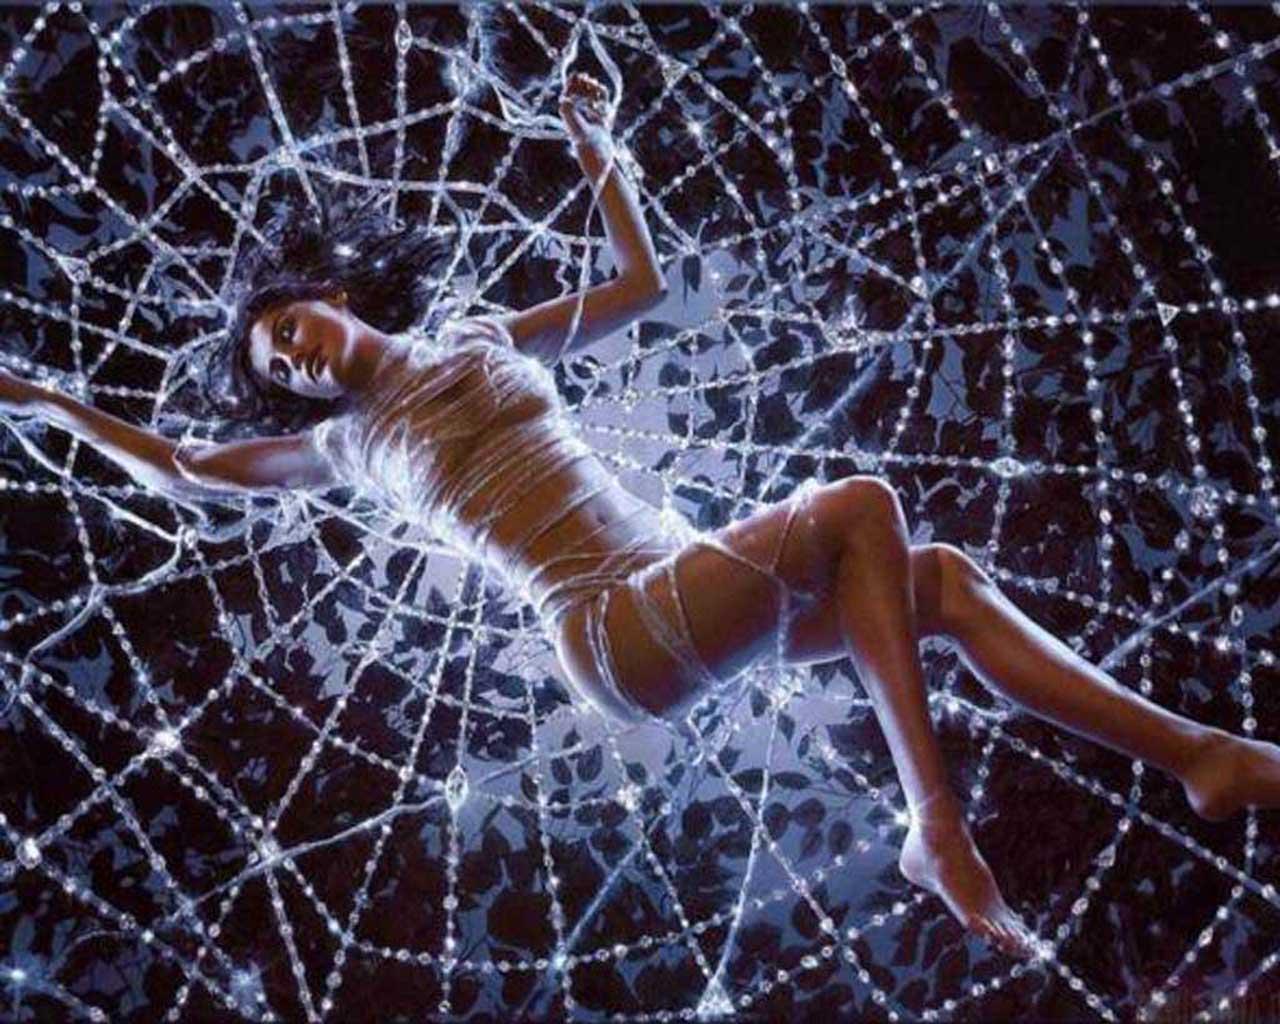 Фото девушка в паутине, Фото: Девушка, которая застряла в паутине Кадр из 5 фотография